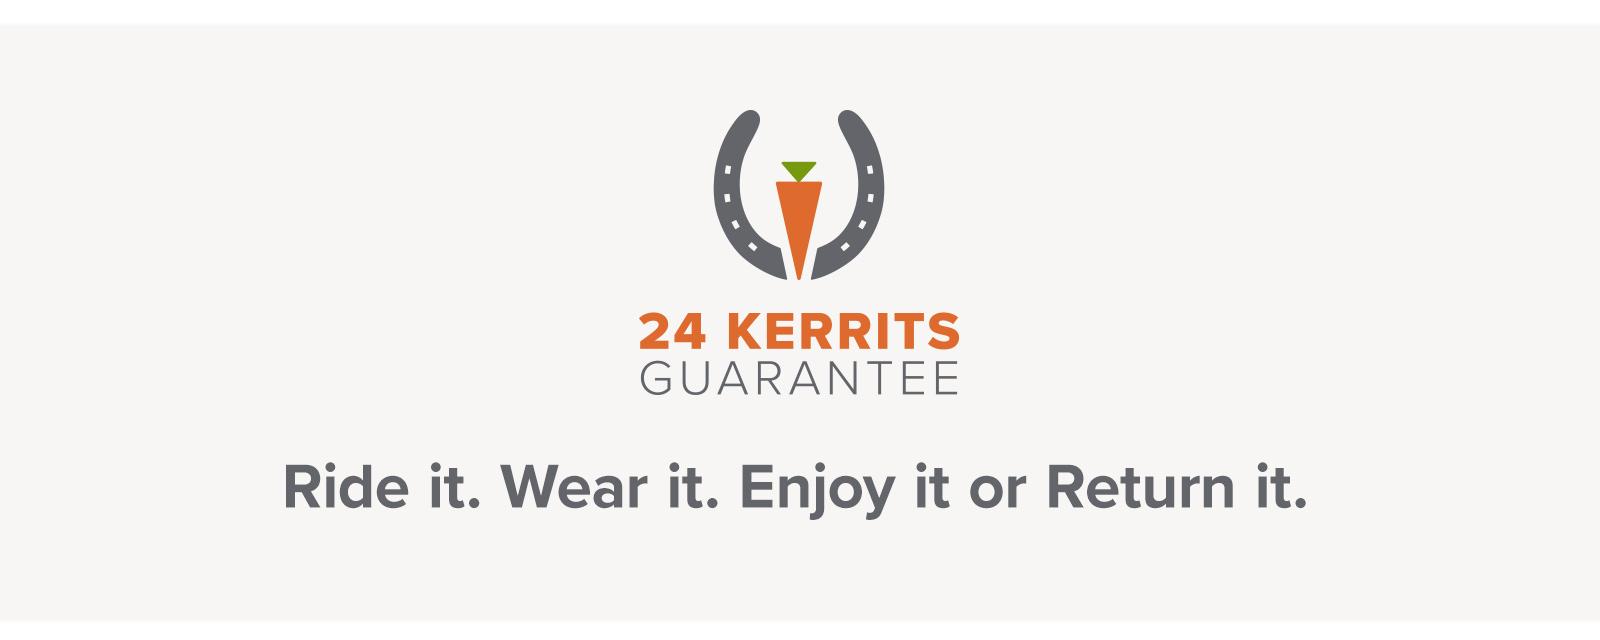 24 Kerrits Guarantee